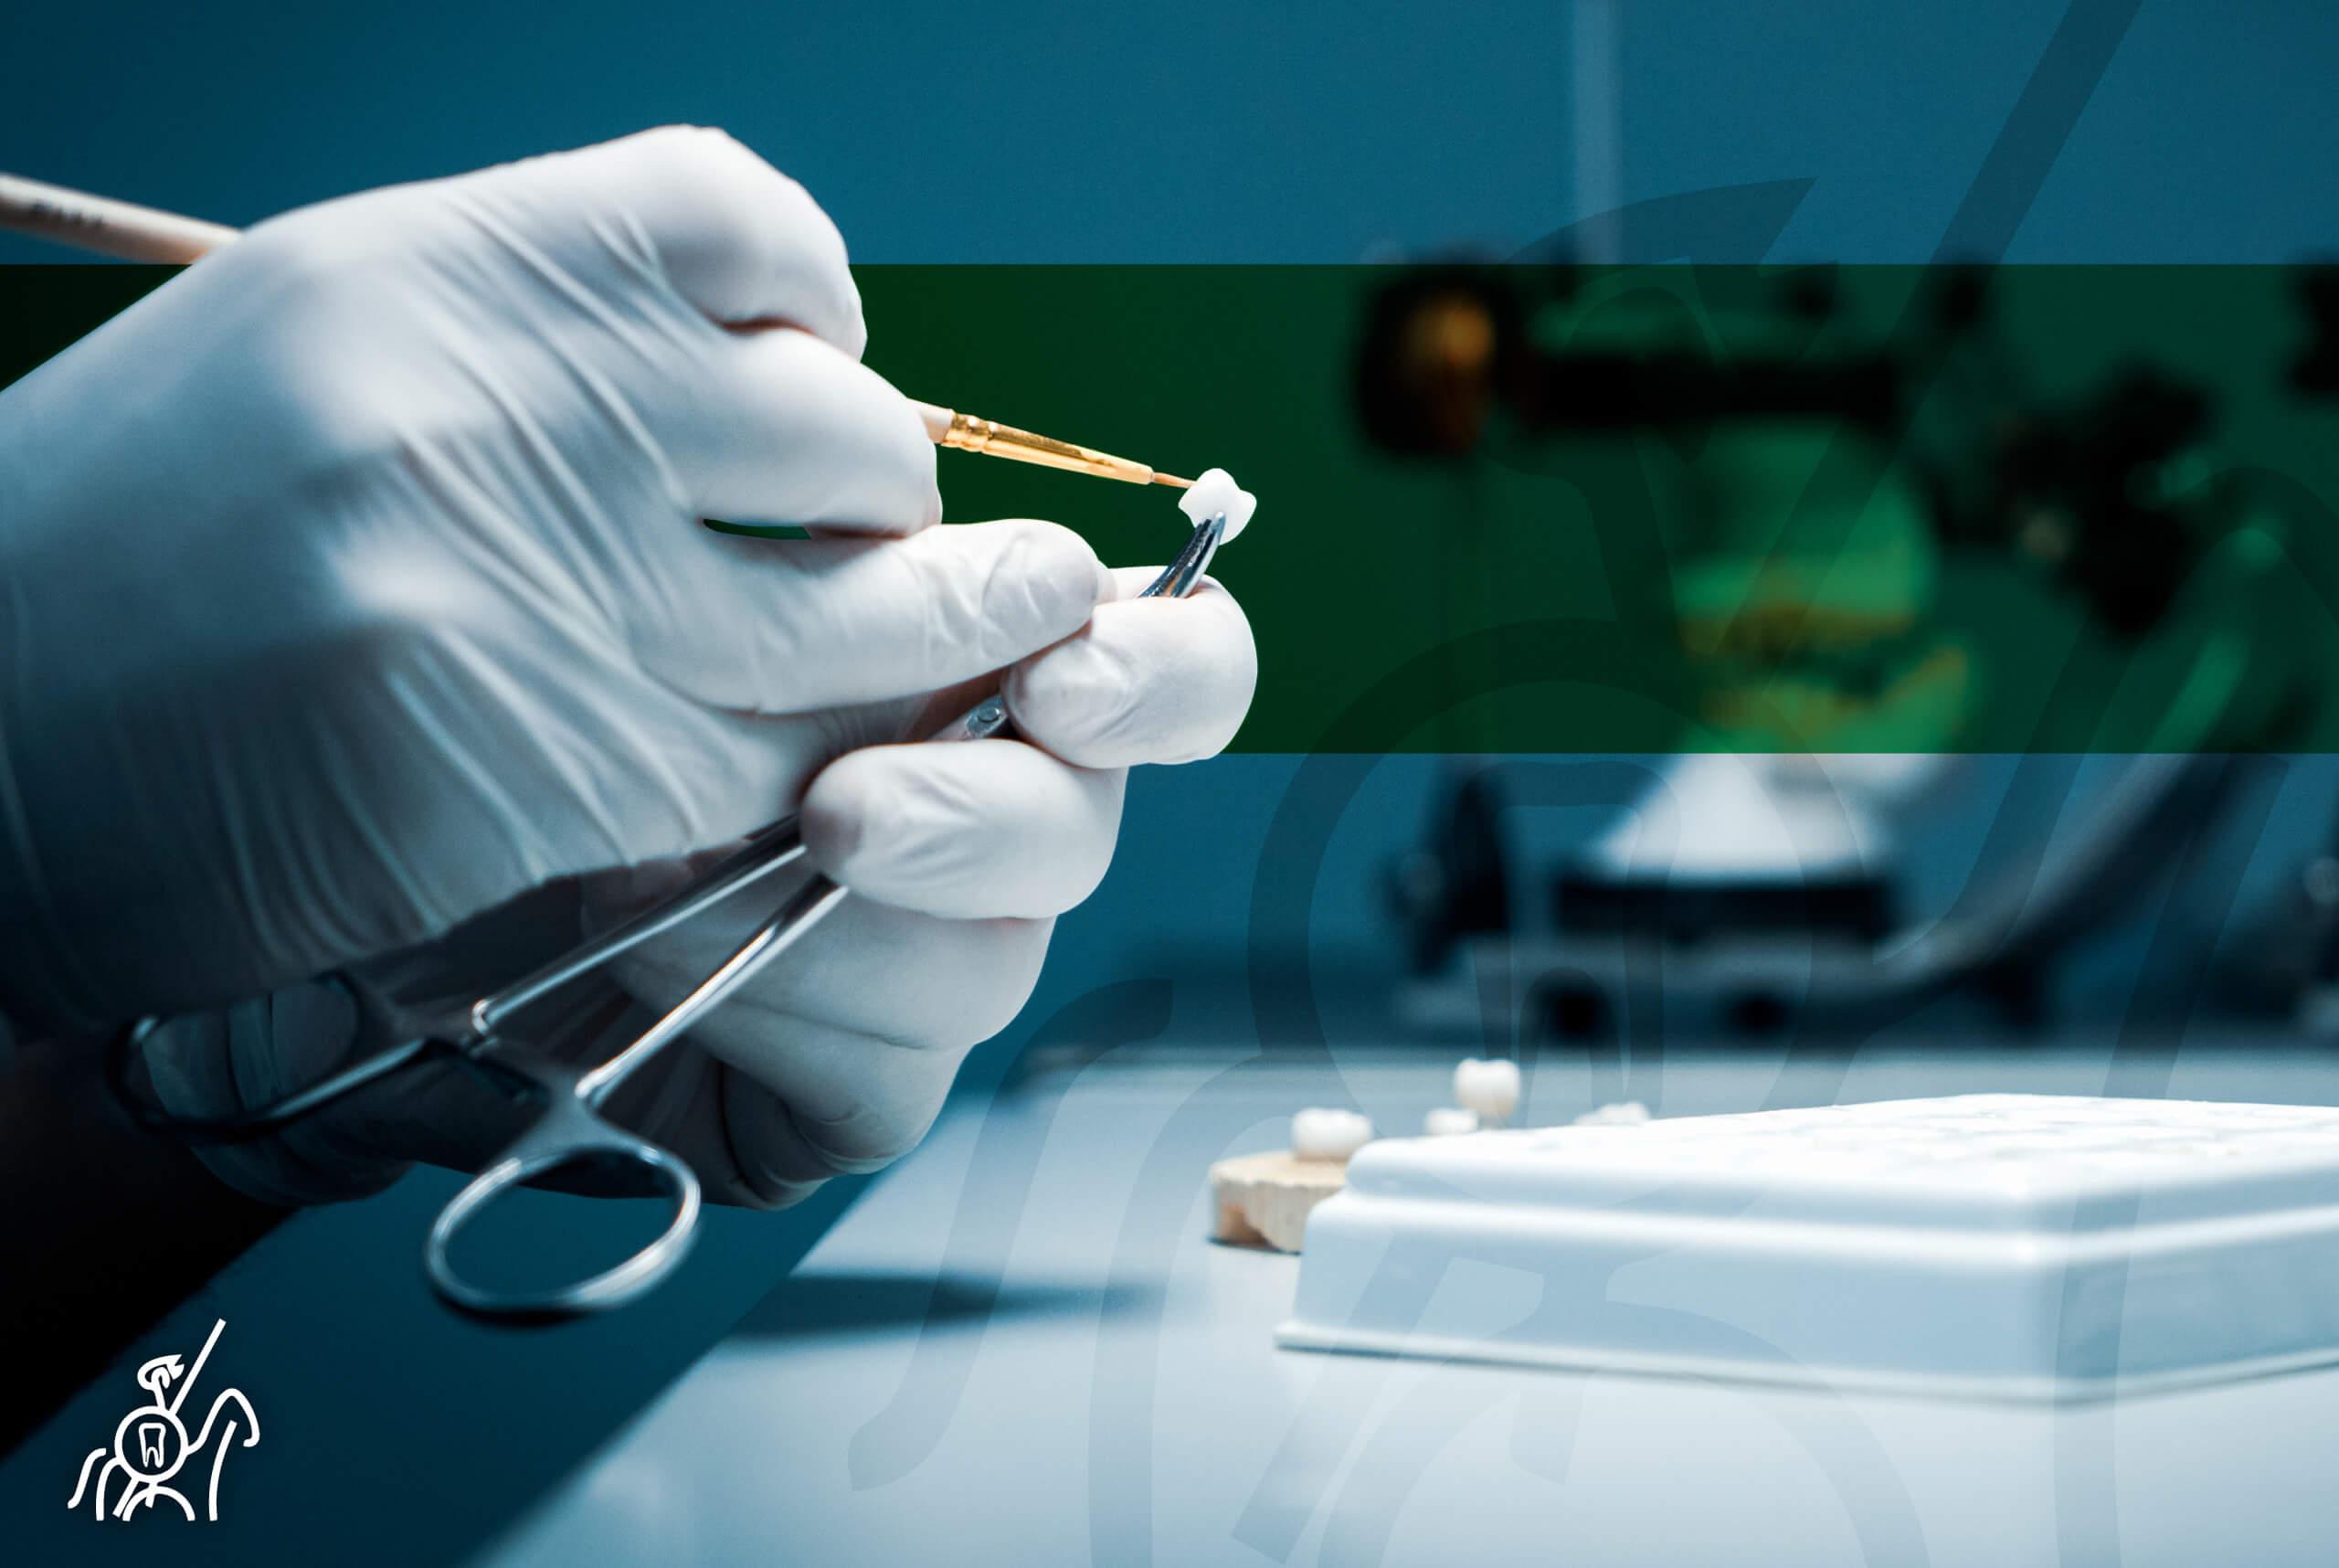 5 ventajas de la prótesis dental digital